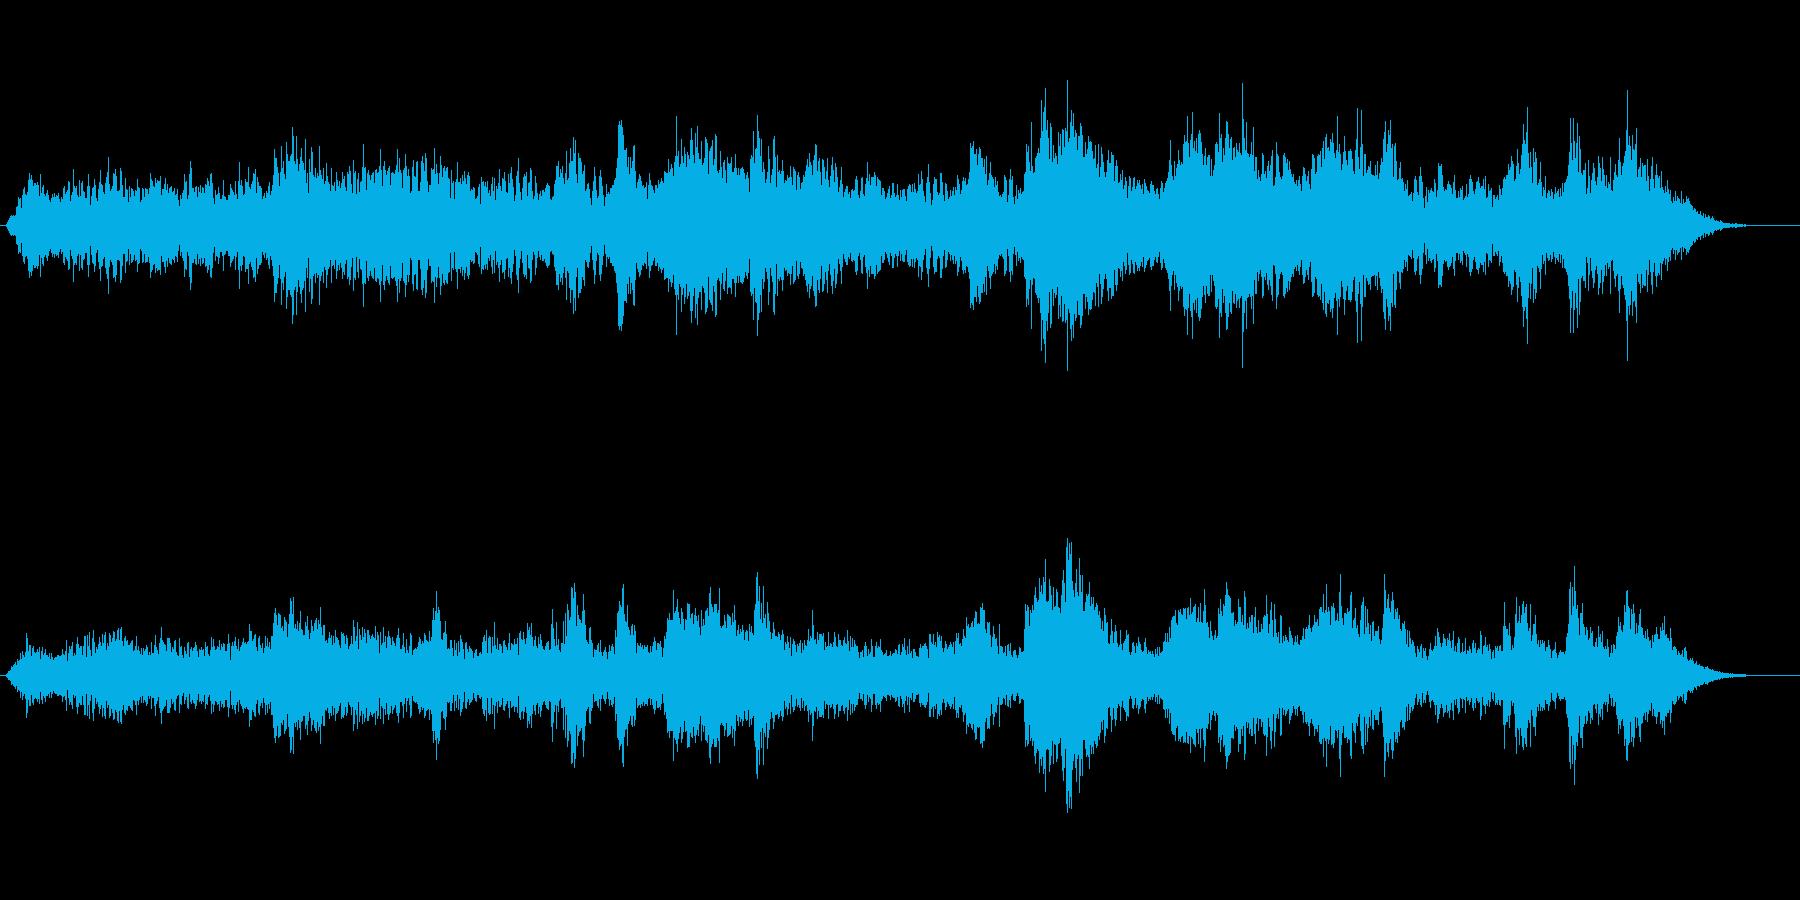 太古の恐竜時代を思わせる神秘的な音風景の再生済みの波形